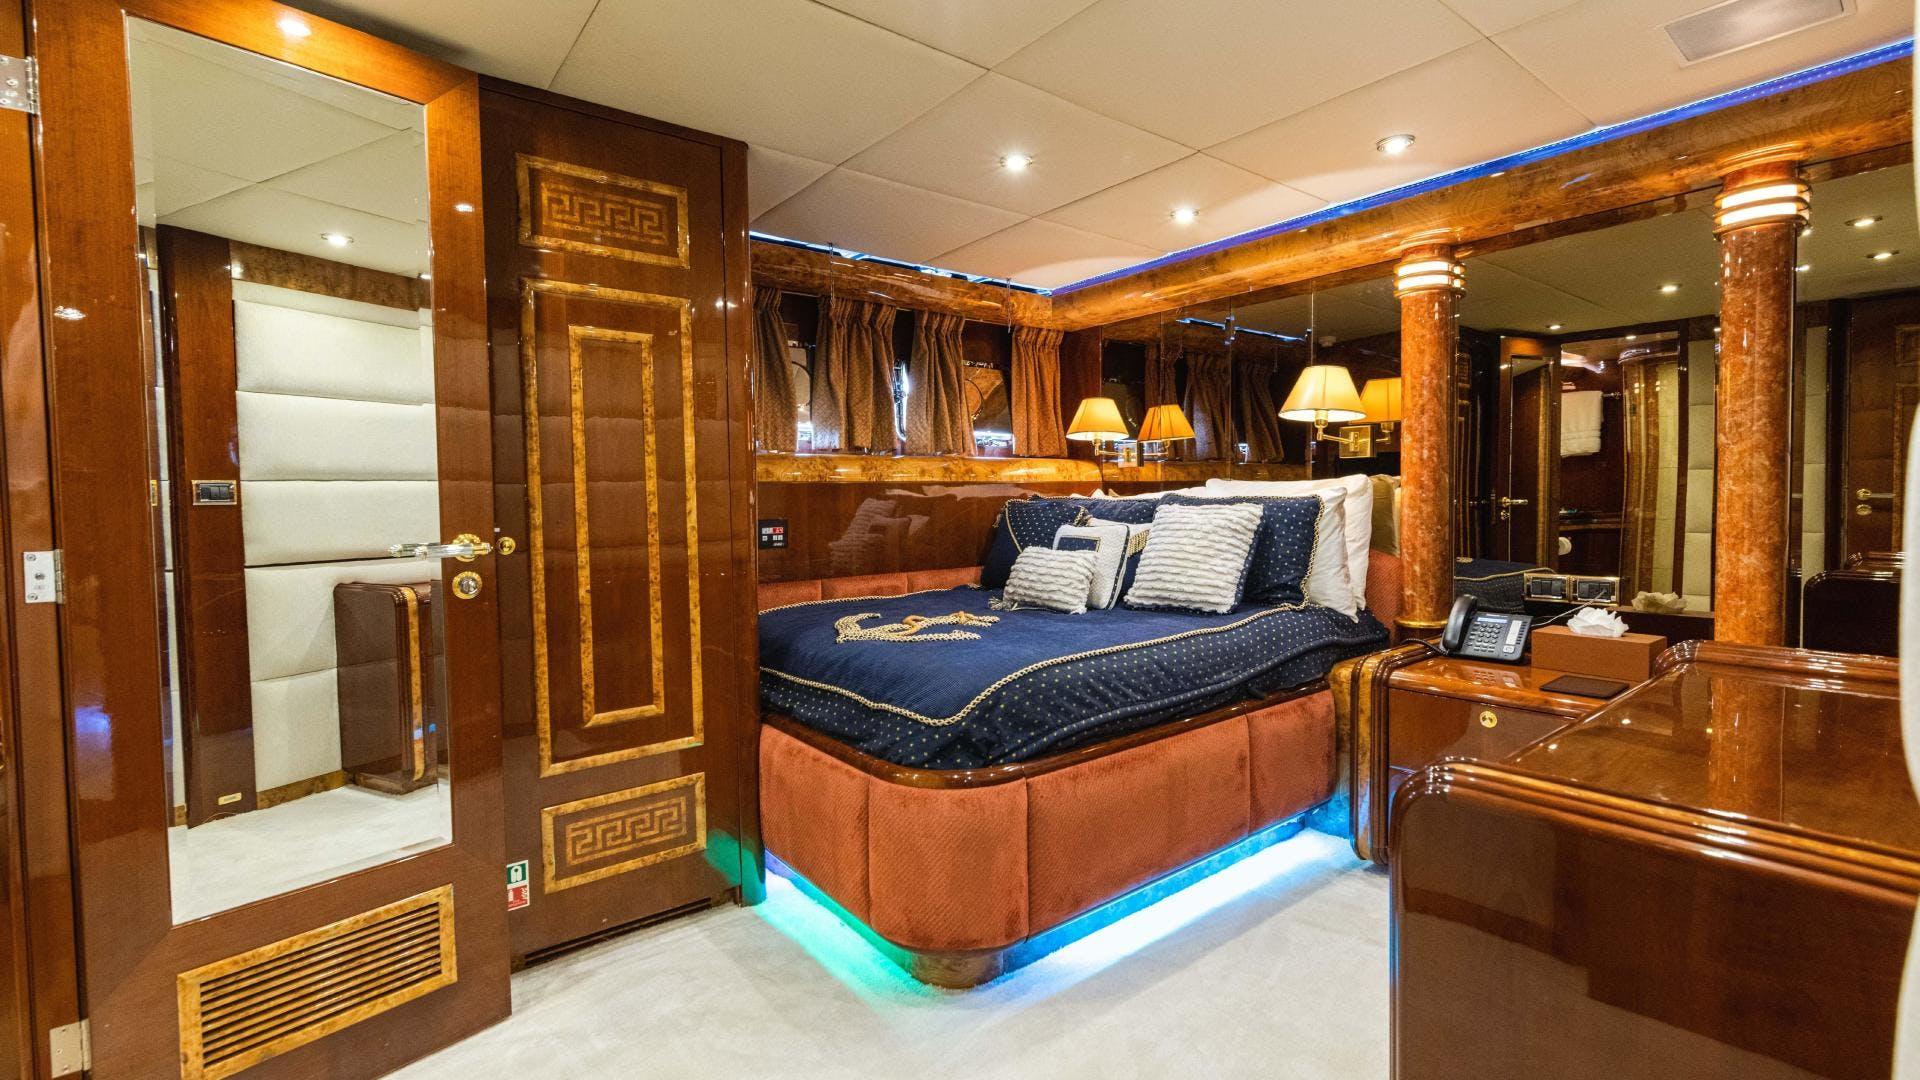 2003 Millennium Super Yachts 118' Raised Pilothouse Arthur's Way | Picture 6 of 54